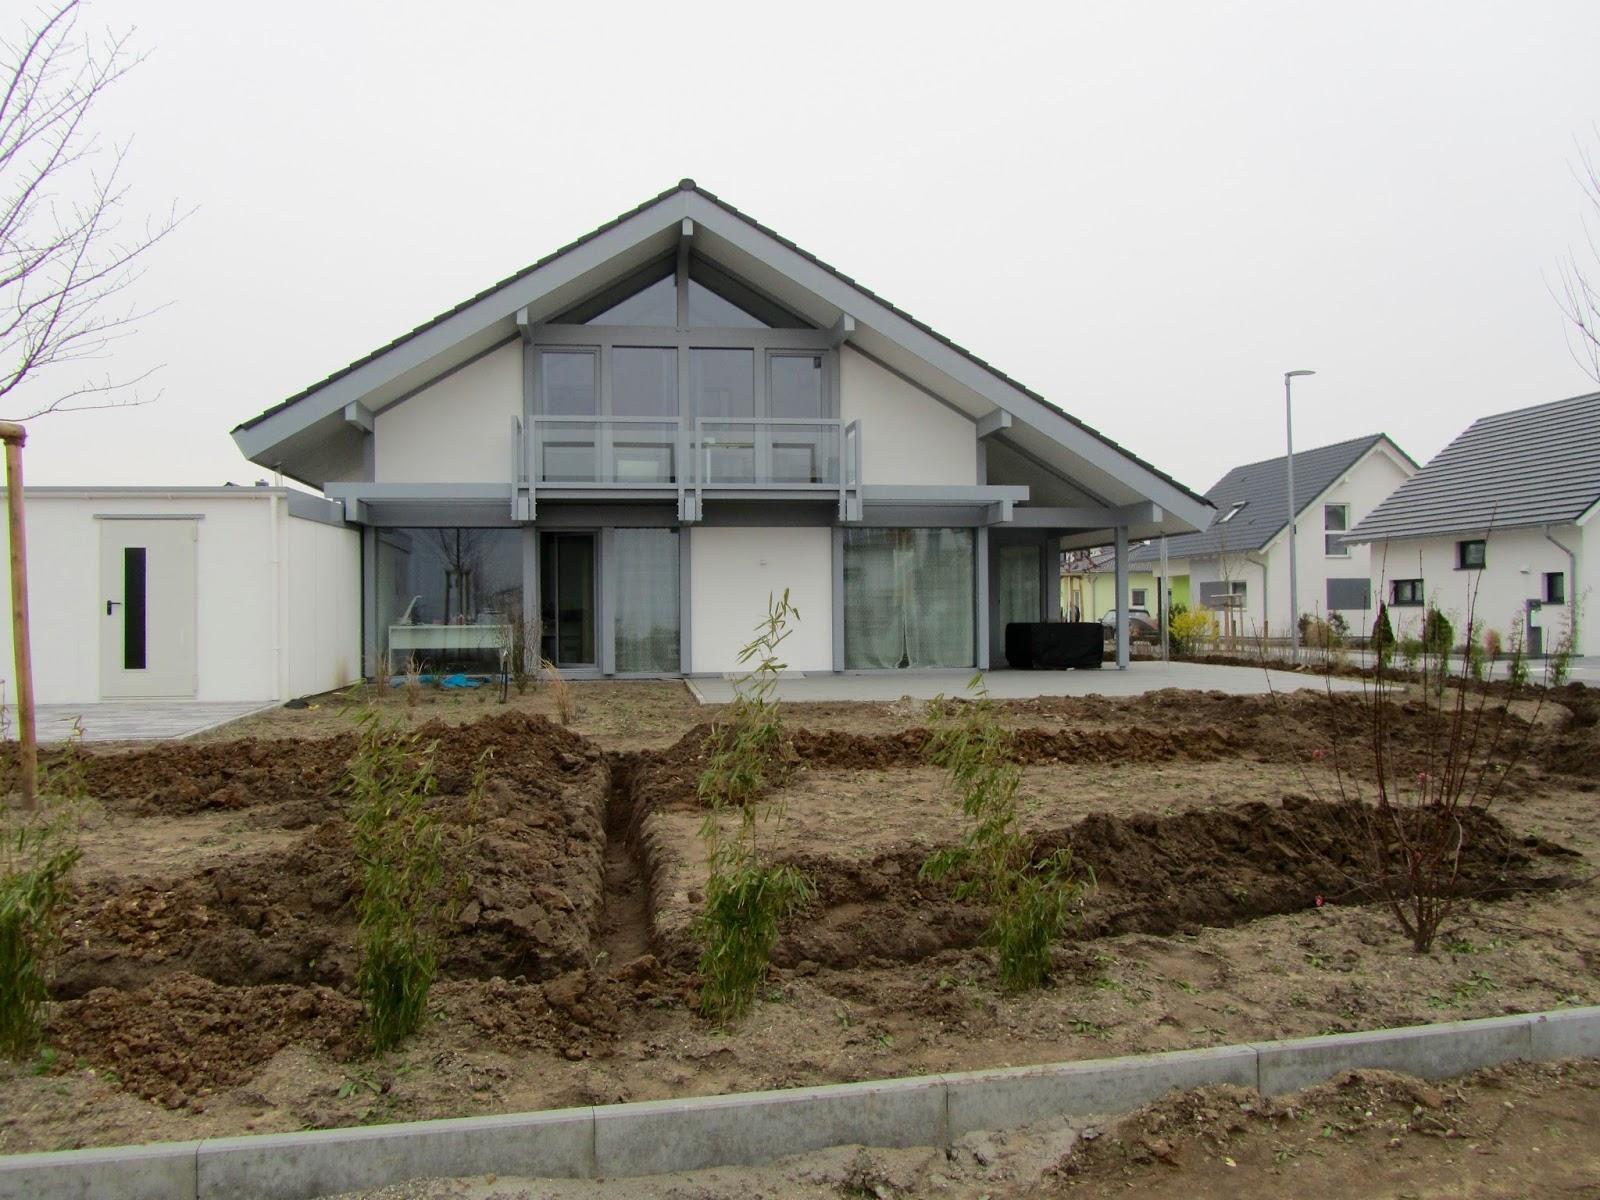 Top Unser Hausbau mit Davinci Haus: Garten: Bewässerungsanlage und UO82